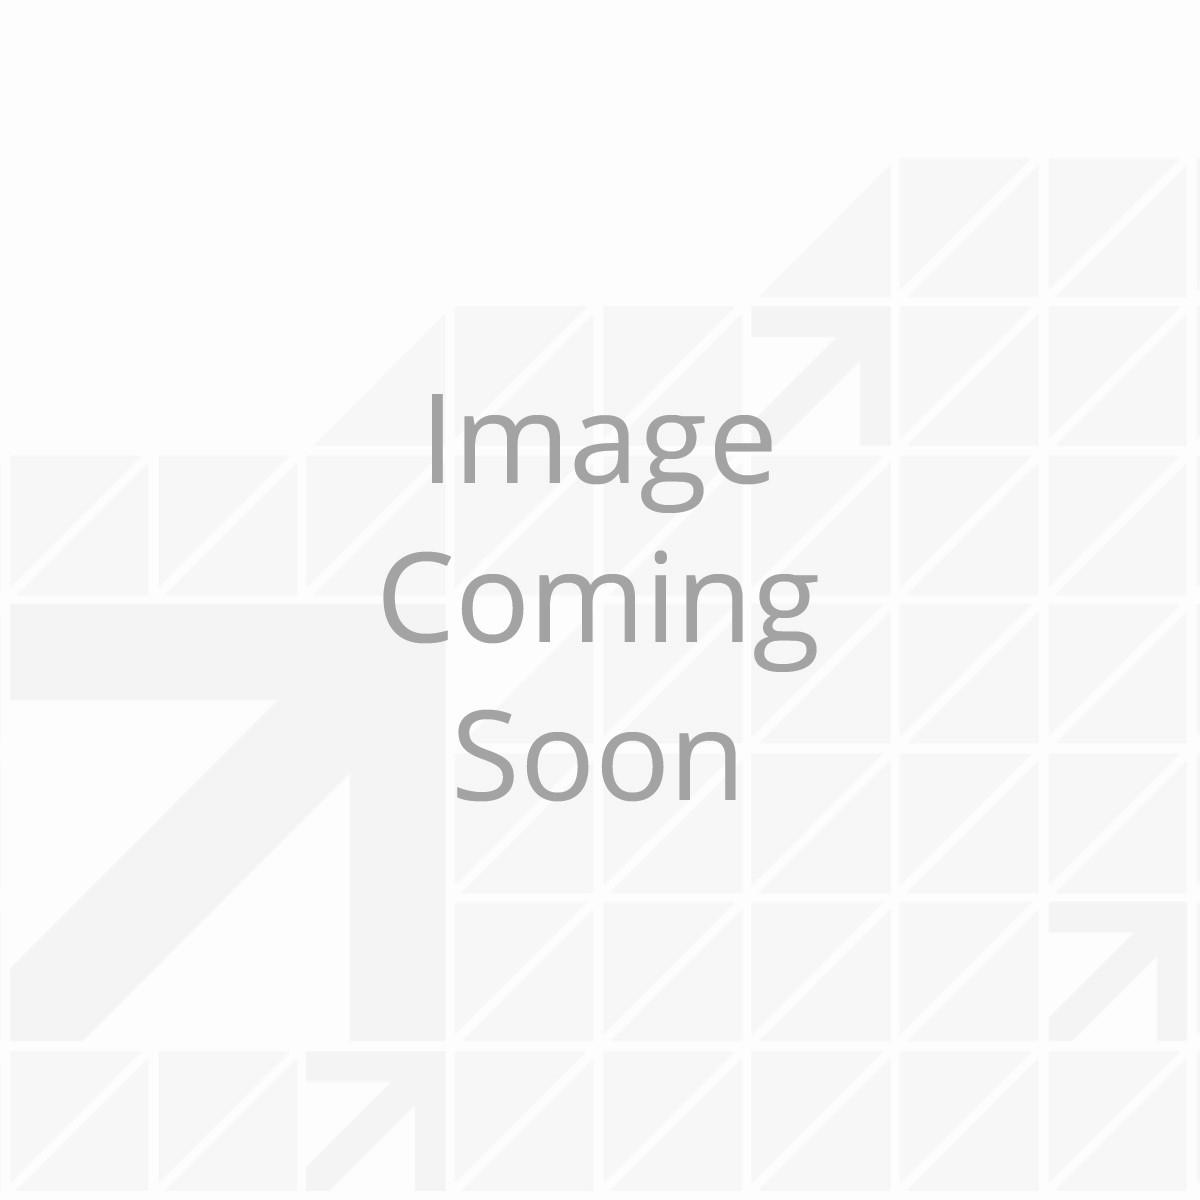 Toylok Anti-Theft Device Profile View